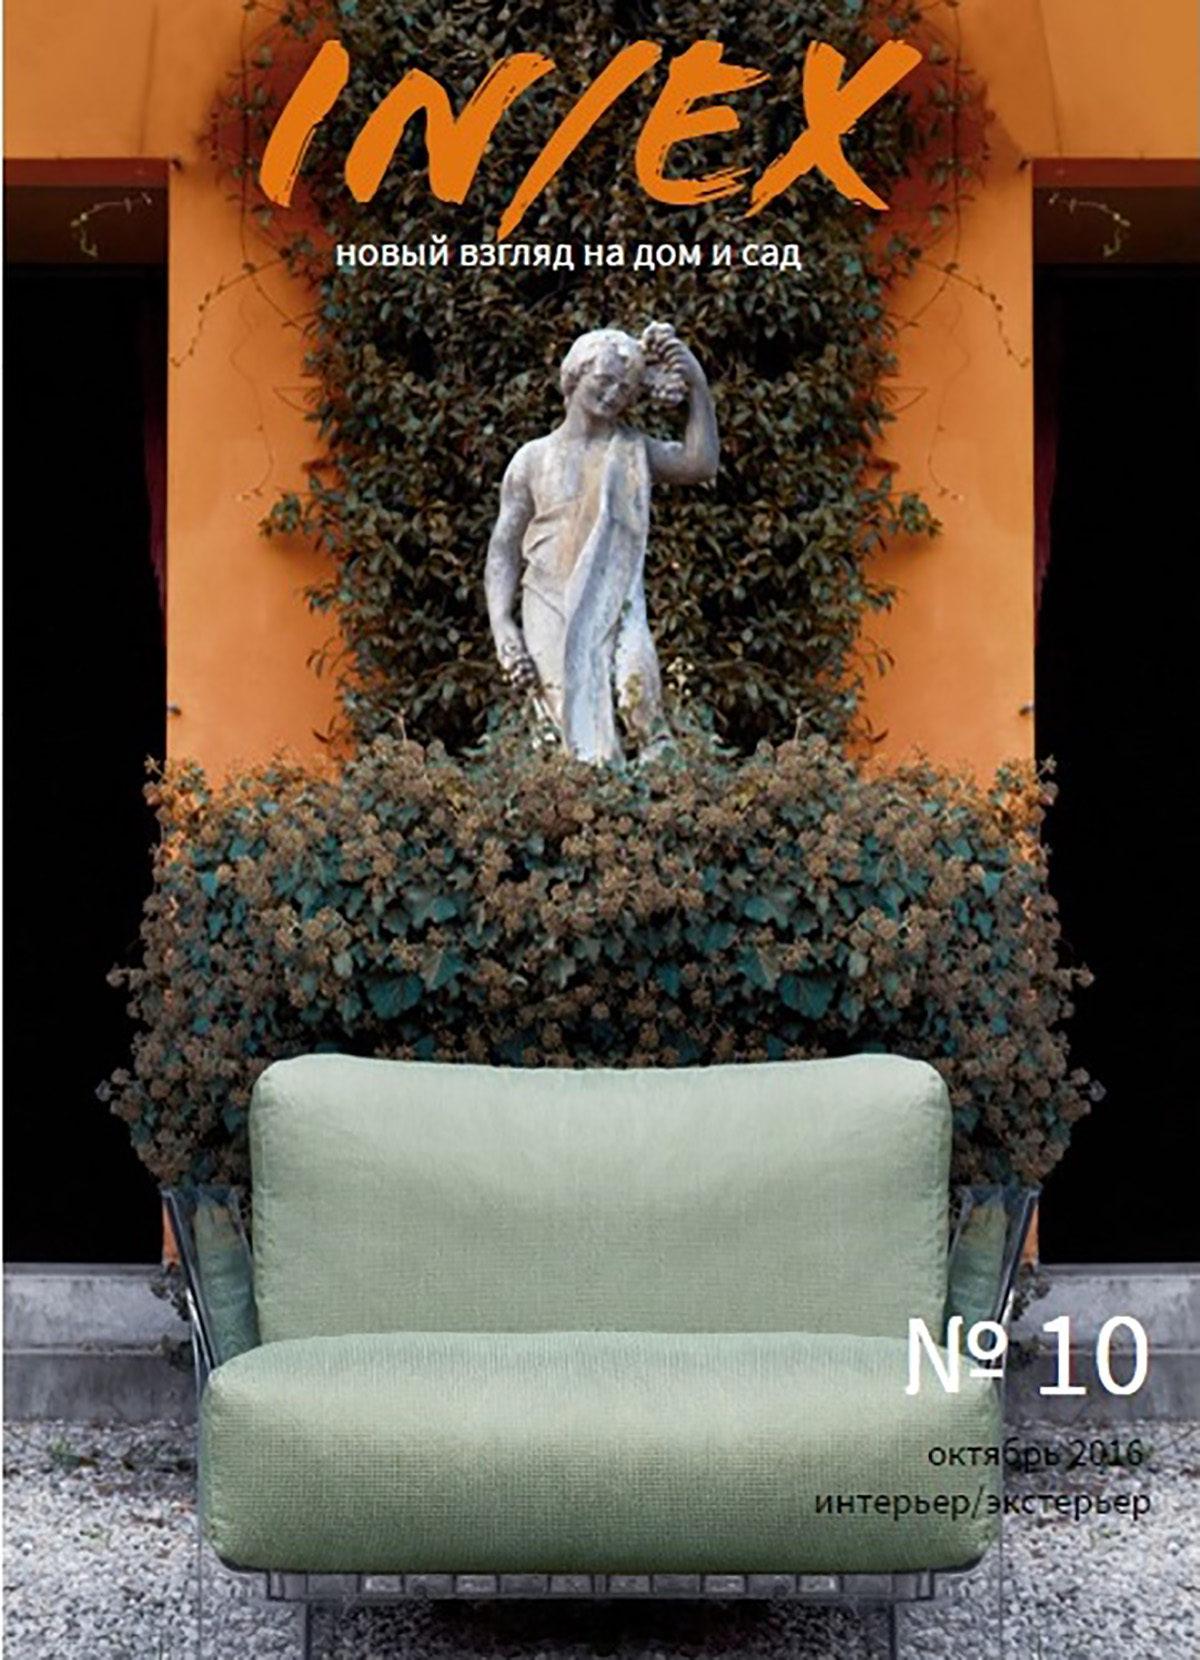 Parution presse IN EX 2016 Claude Cartier décoration architecte d'intérieur à Lyon.